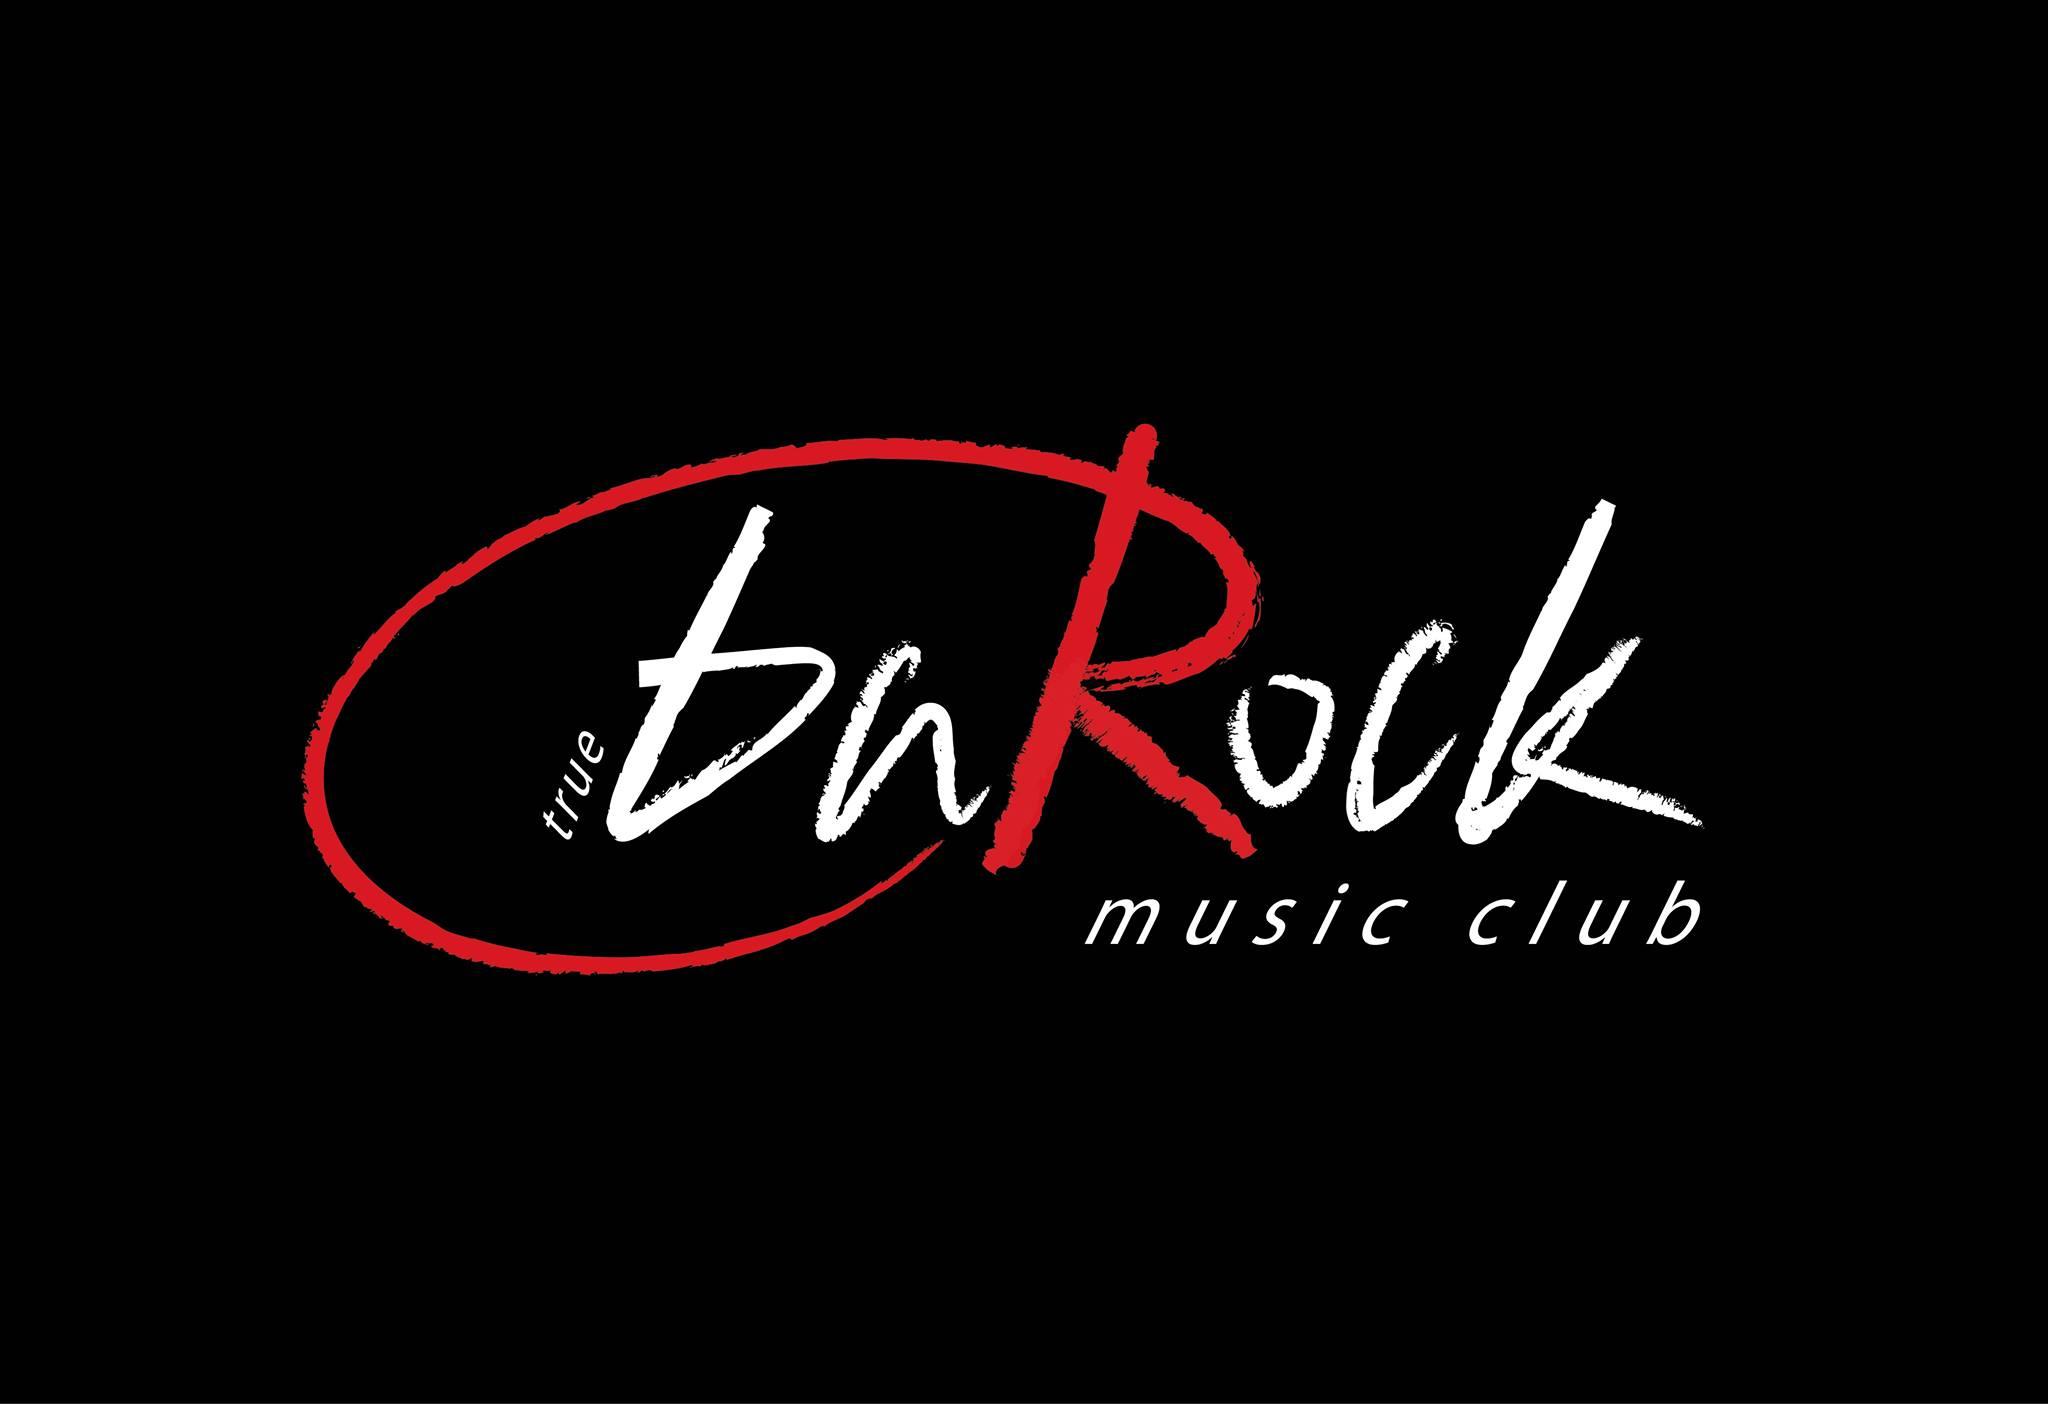 Barock club logo